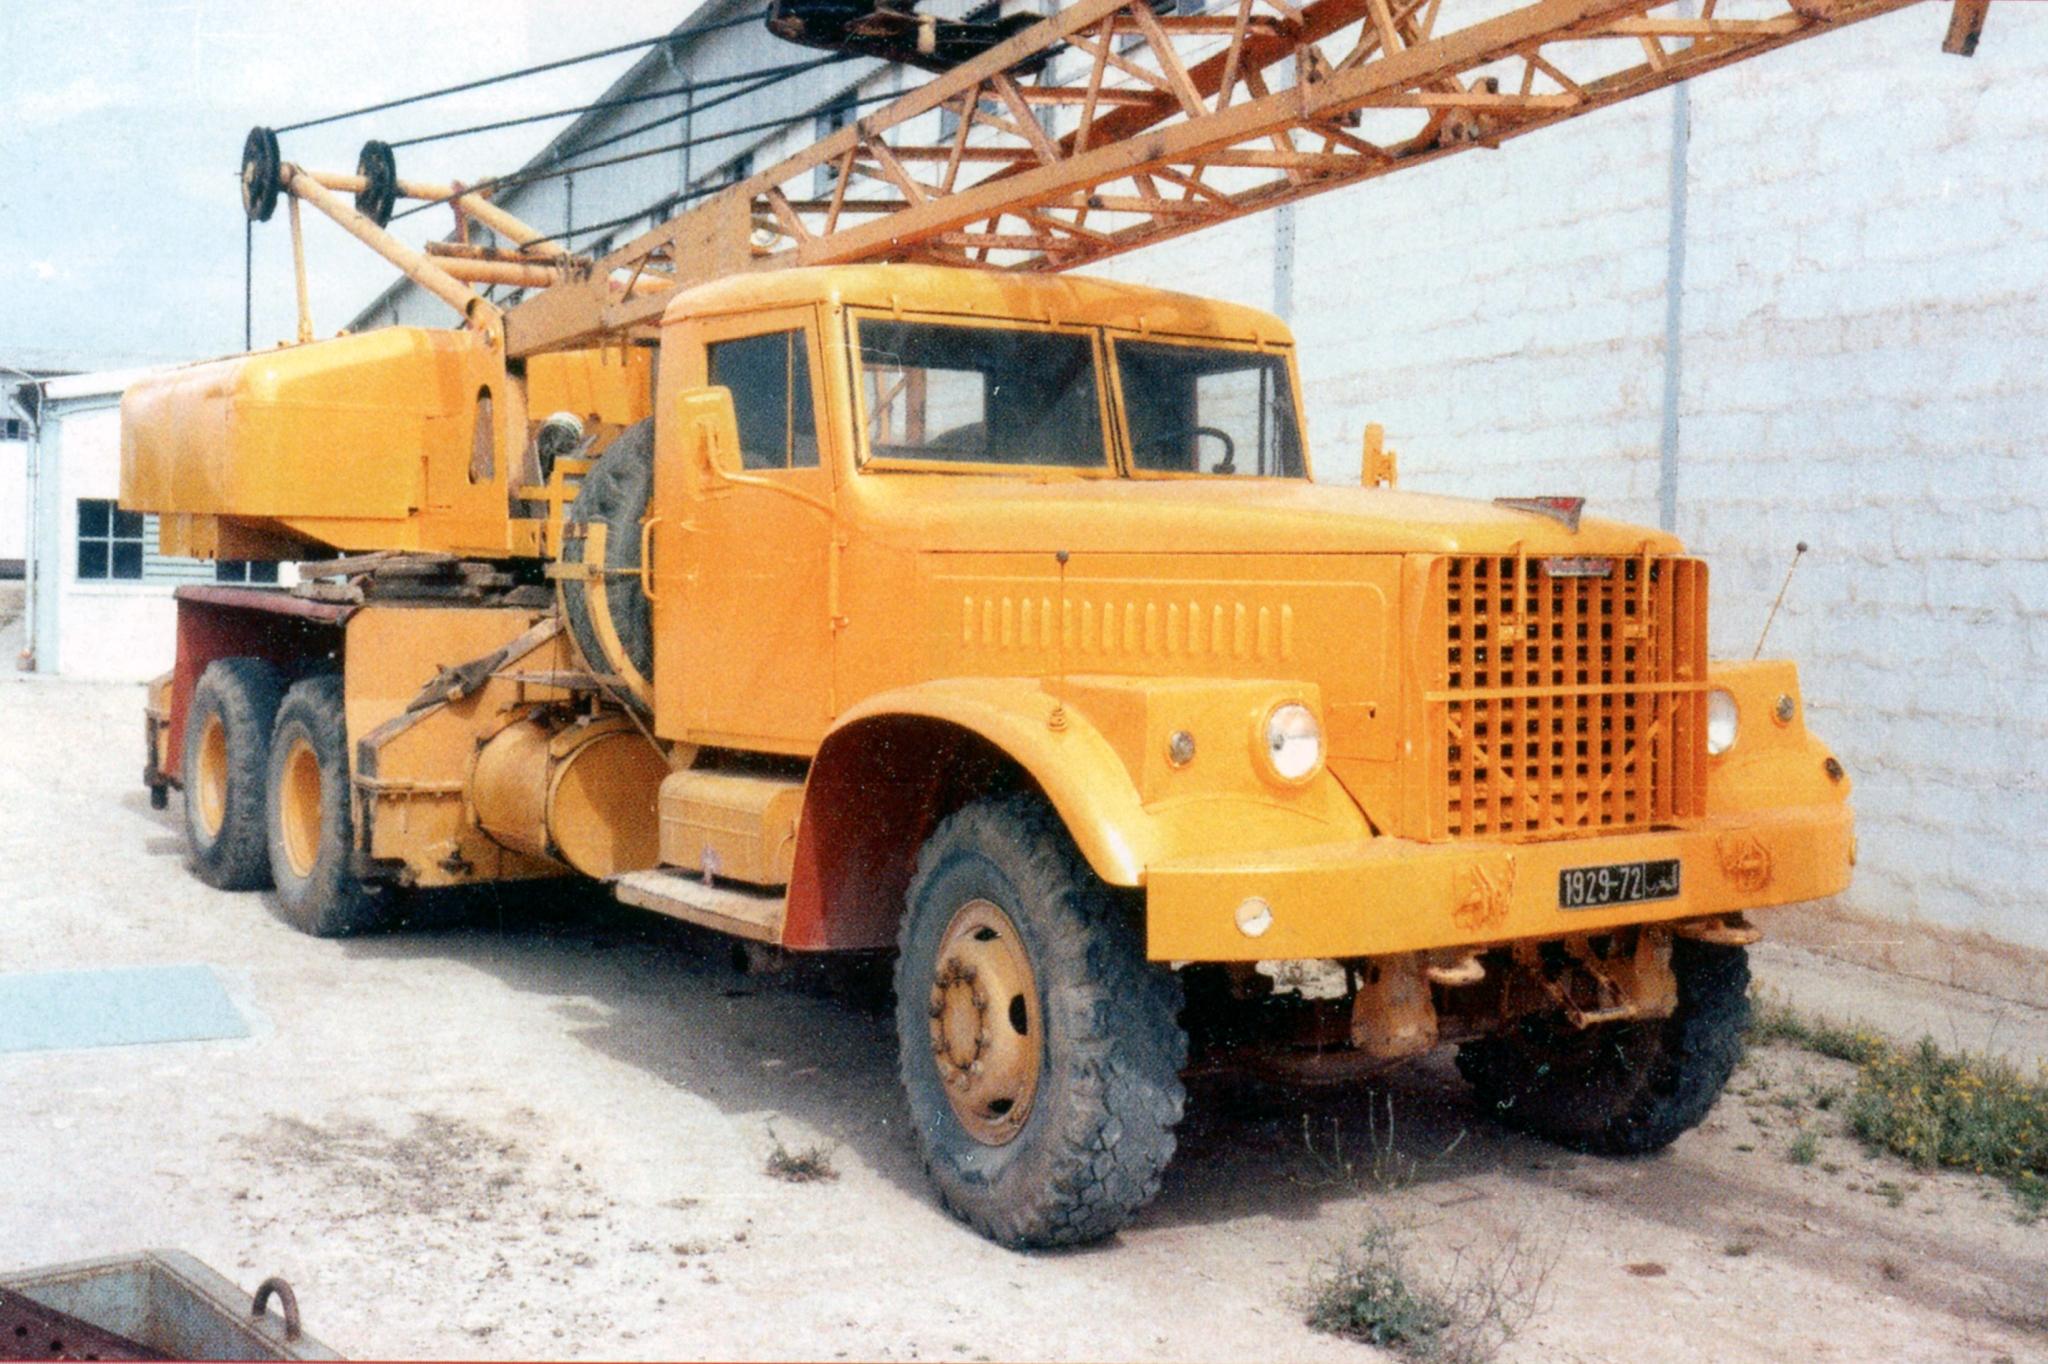 Transport Routier au Maroc - Histoire - Page 2 49875718788_a84ed555c6_o_d